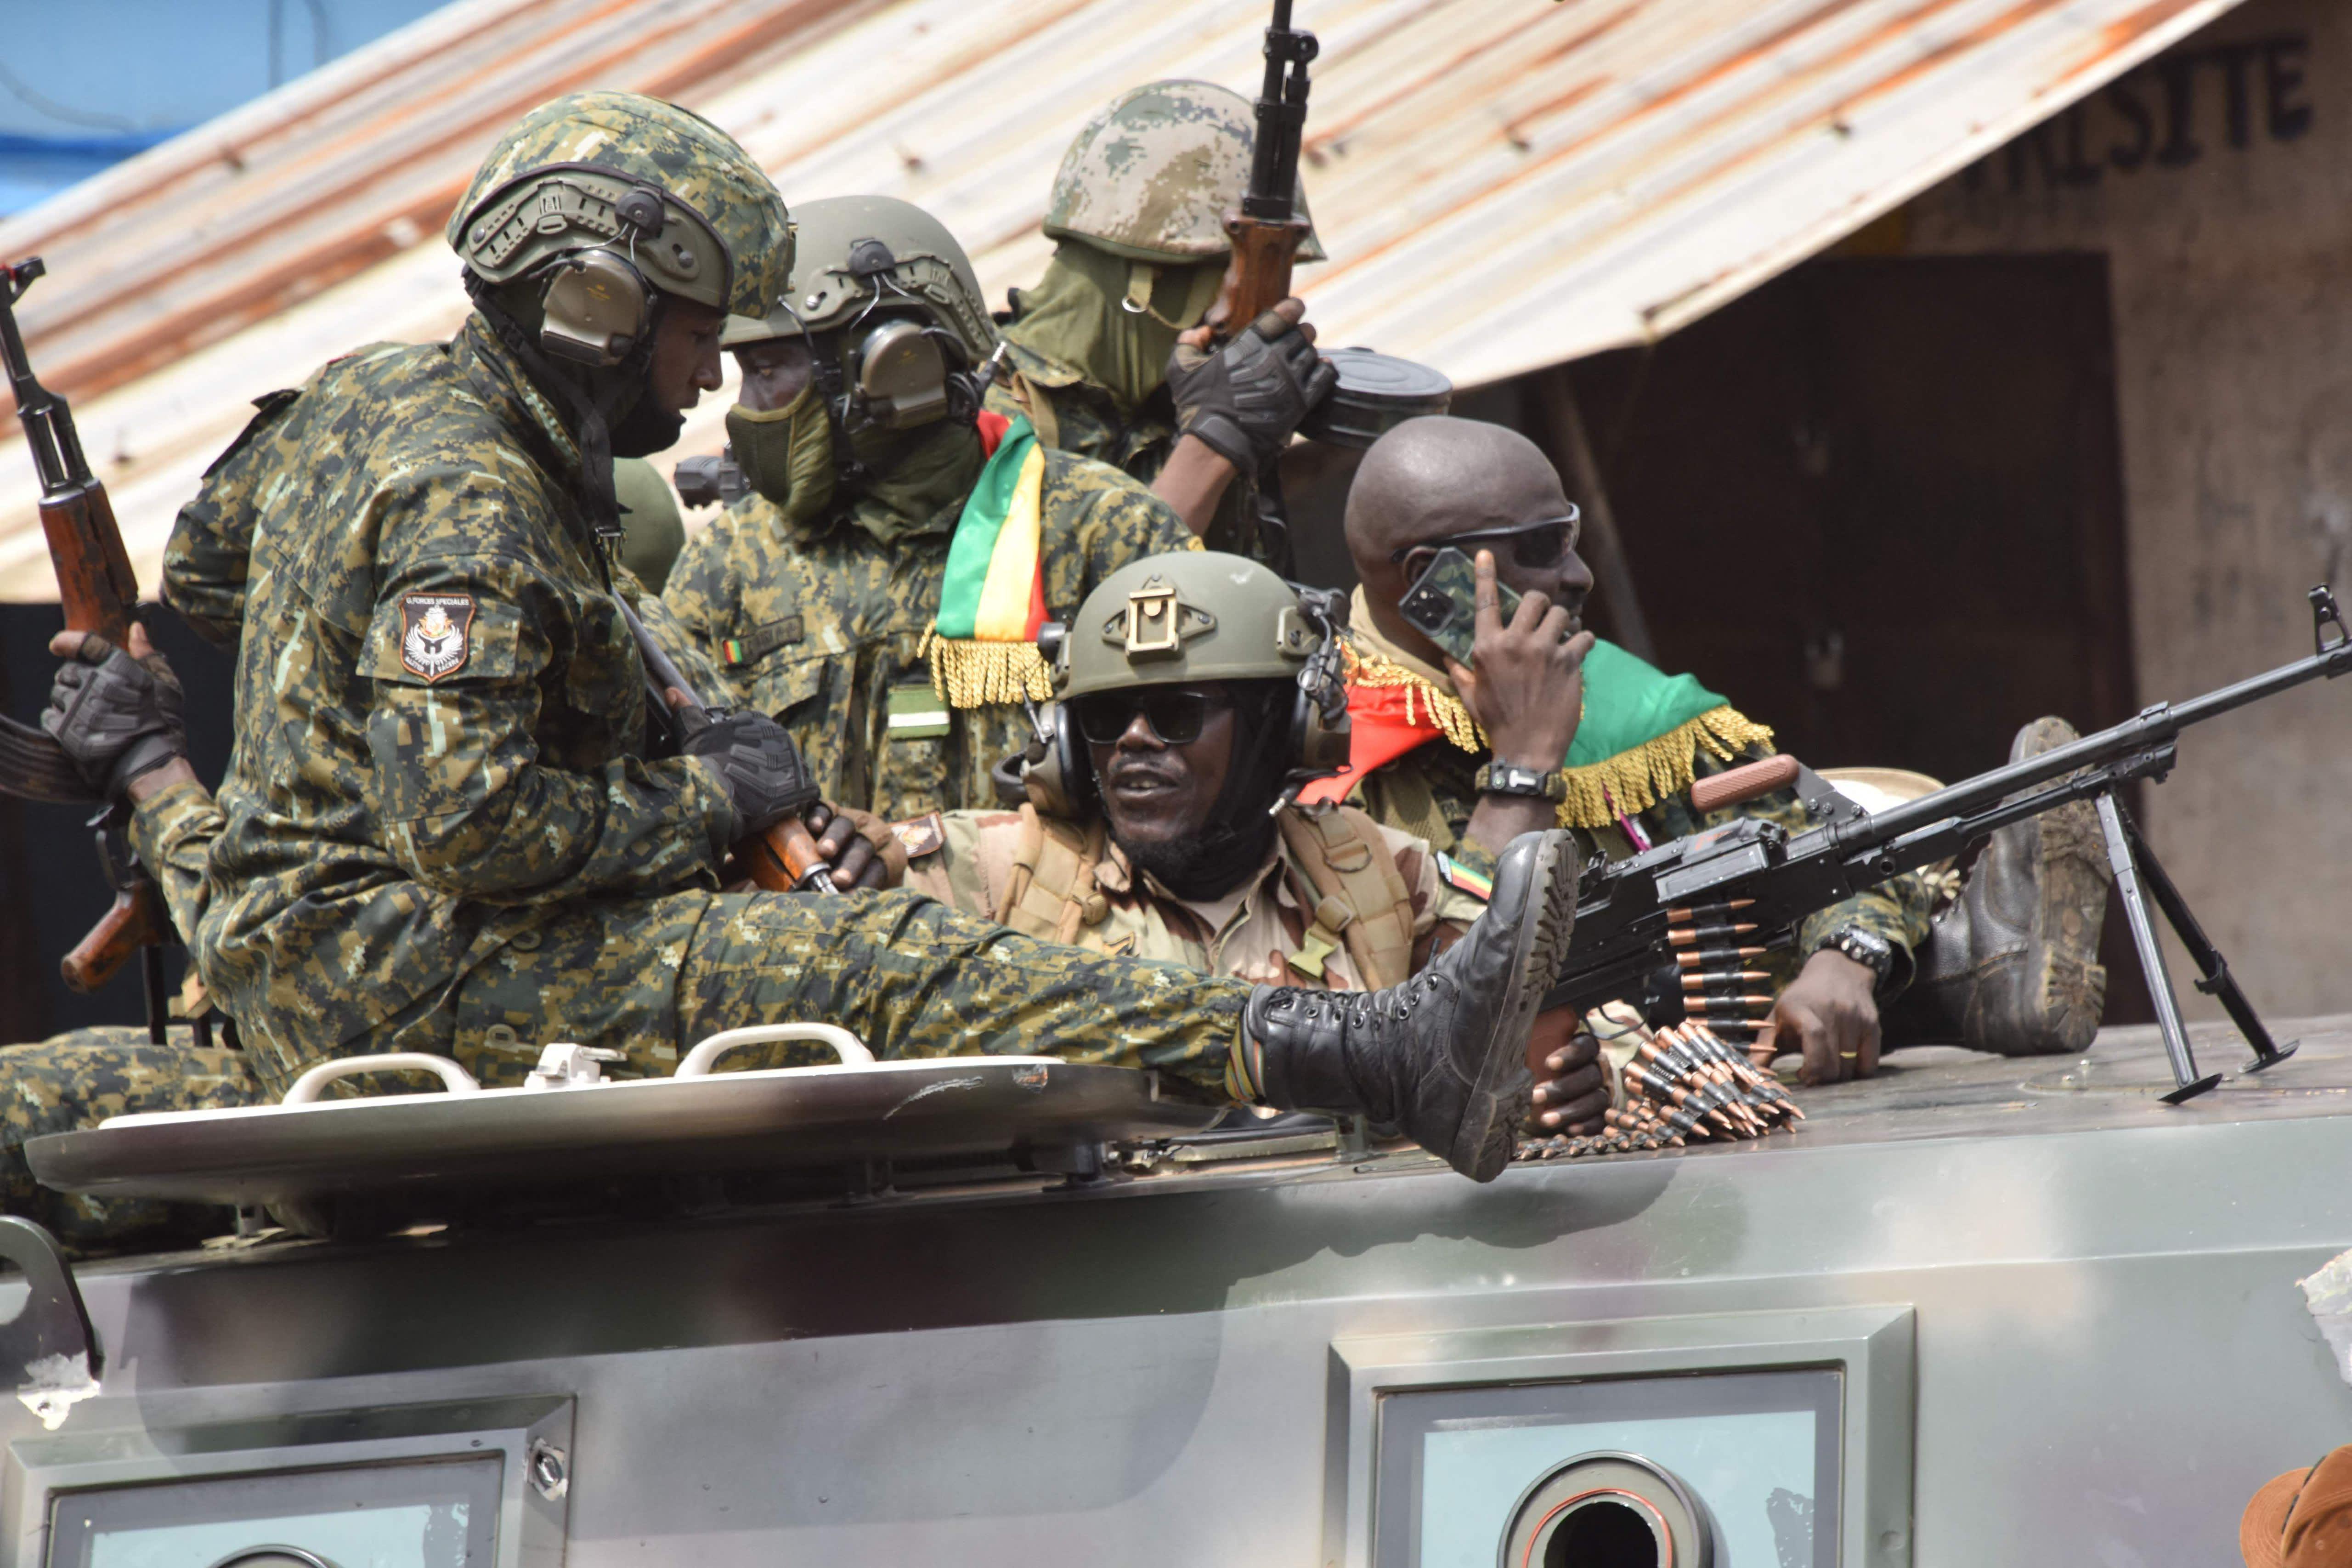 Guineassa tapahtui armeijan vallankaappaus